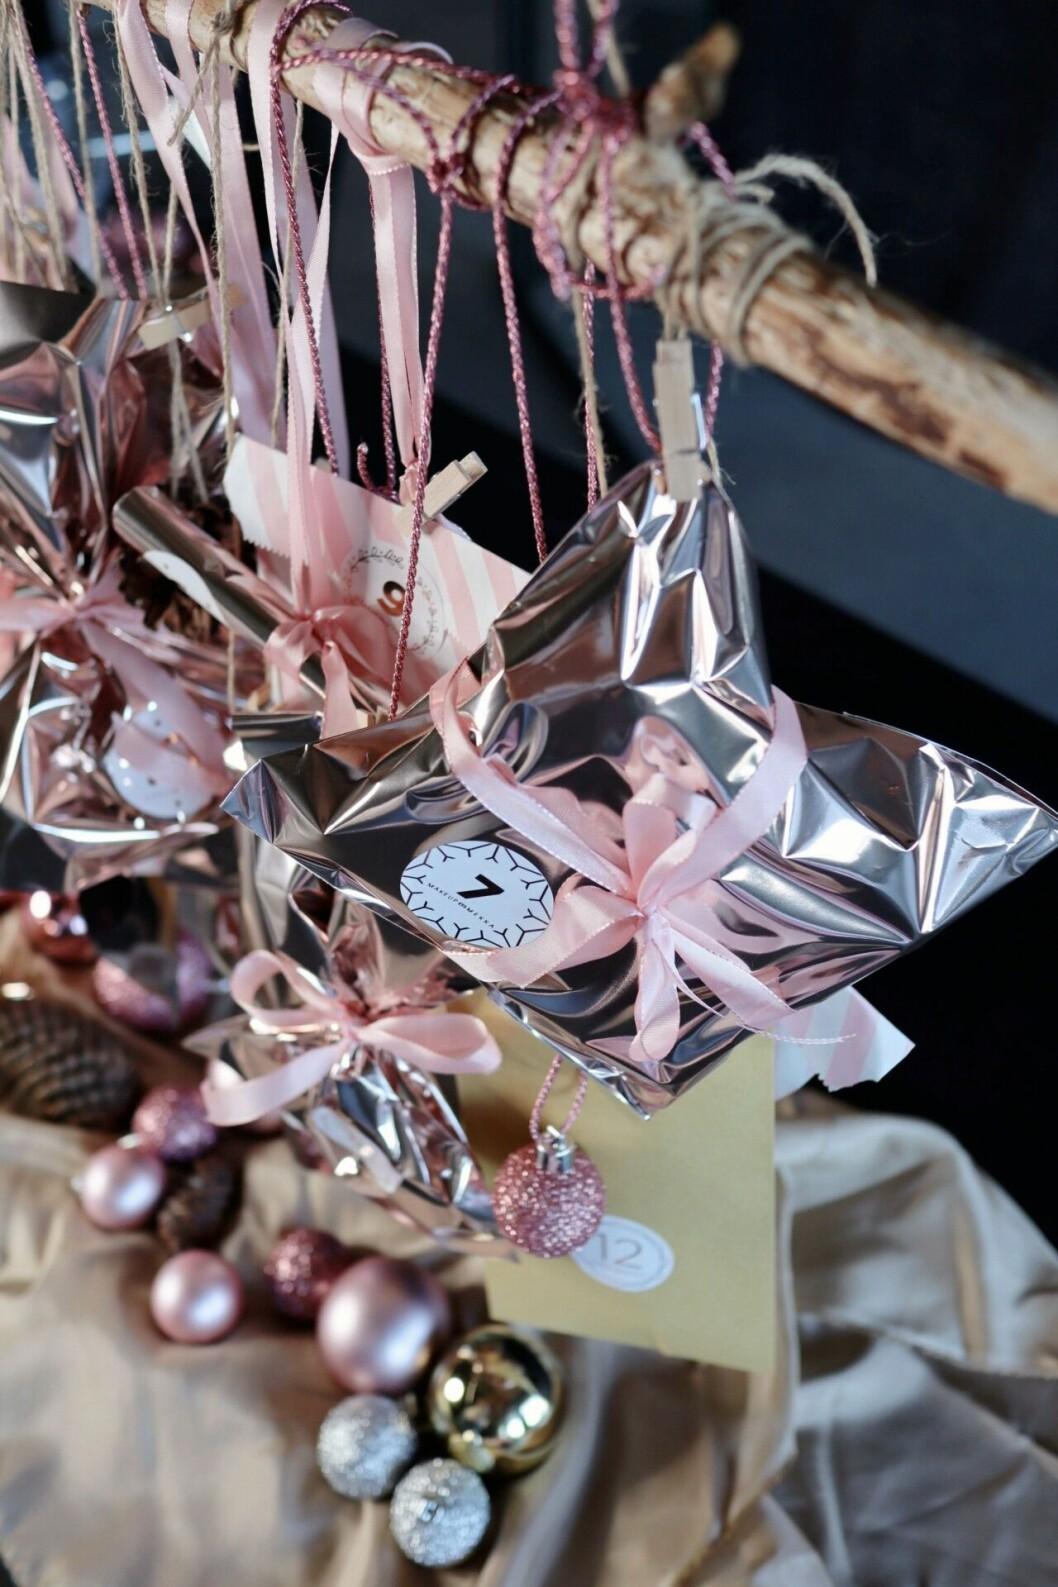 massa paket I silver med rosa snören runt omkring